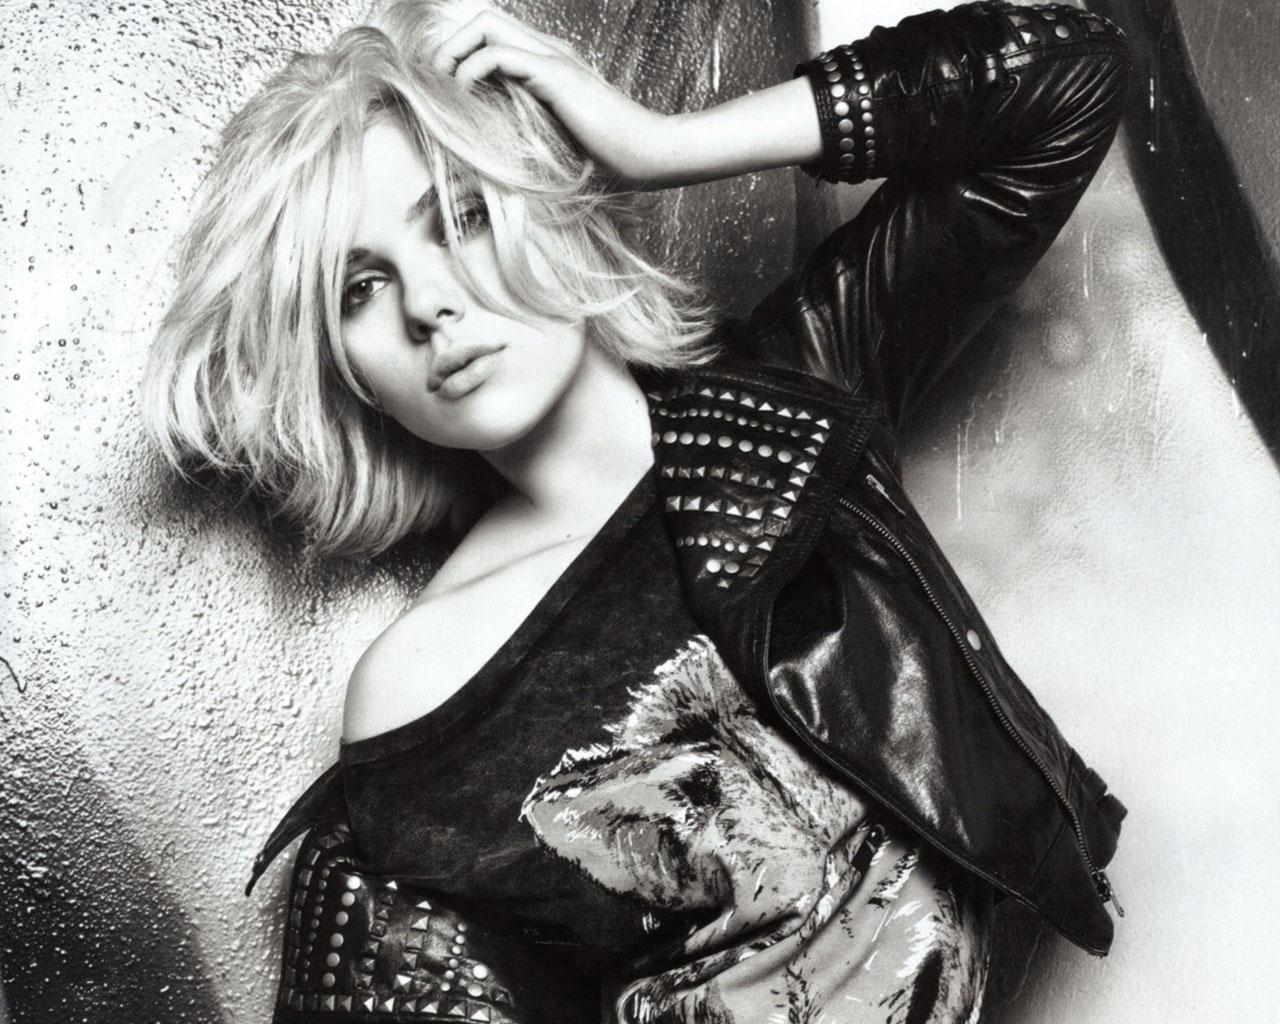 Scarlett Johansson Hot HD Wallpaper